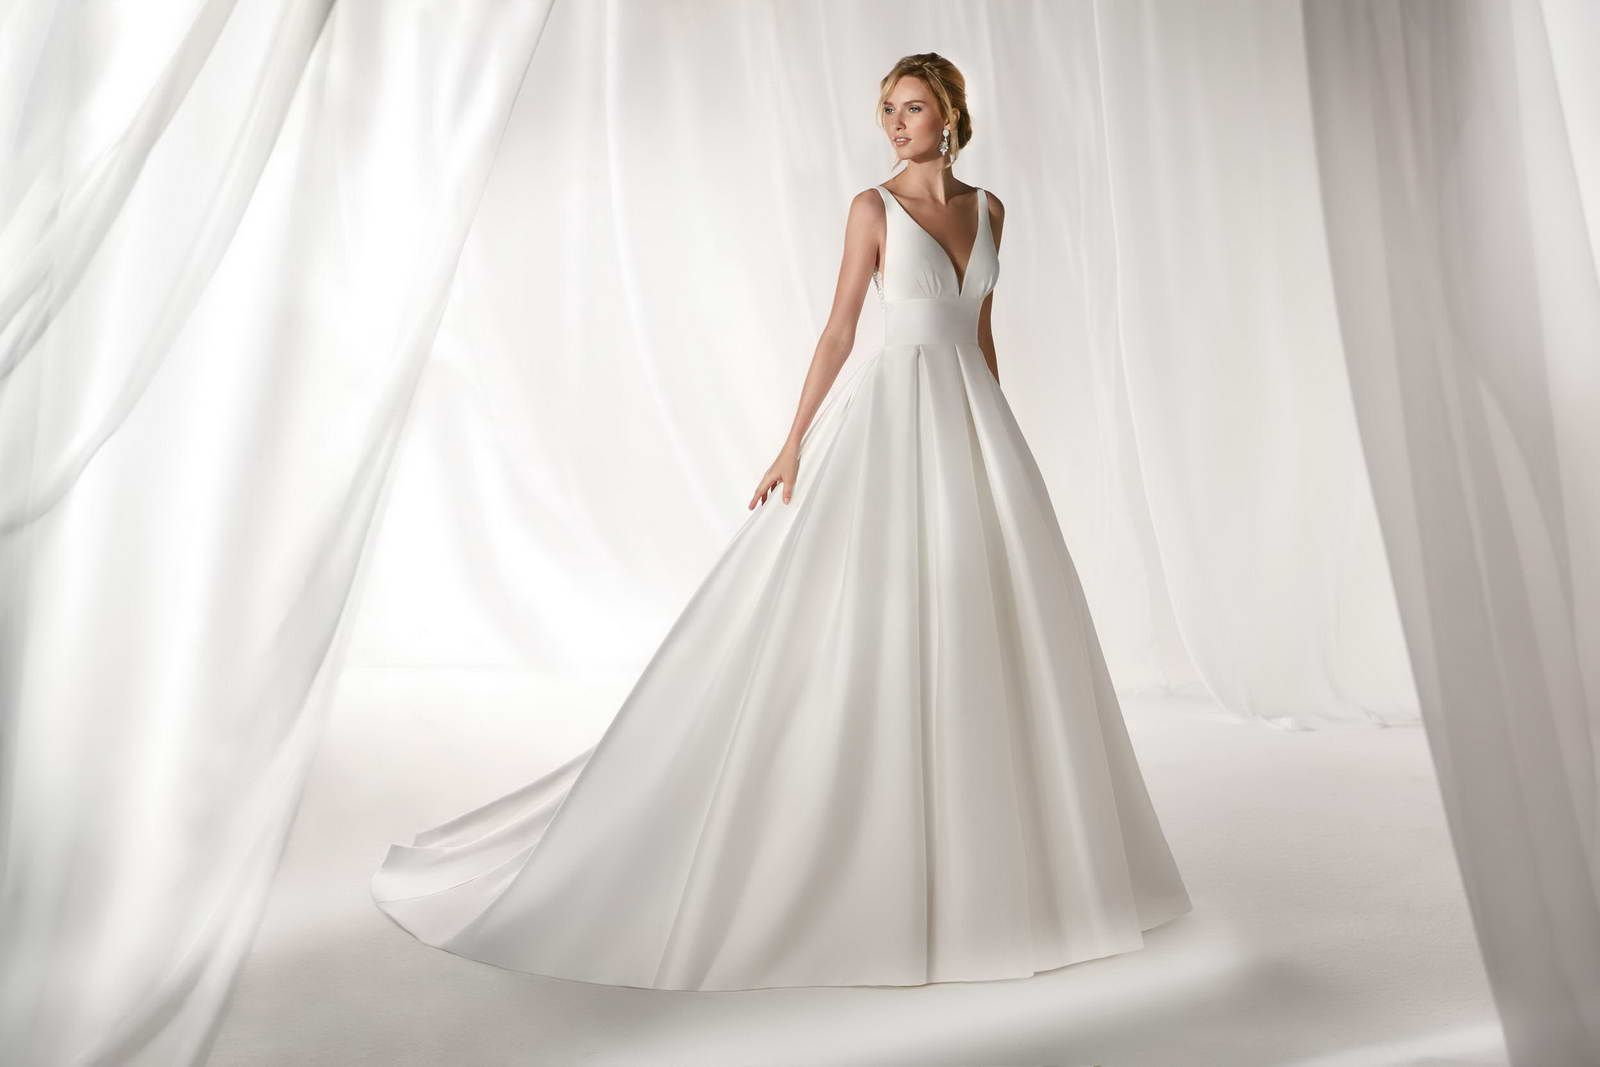 Abiti Da Sposa White Lady Vimercate.White Lady L Atelier Della Sposa Passione Sposi